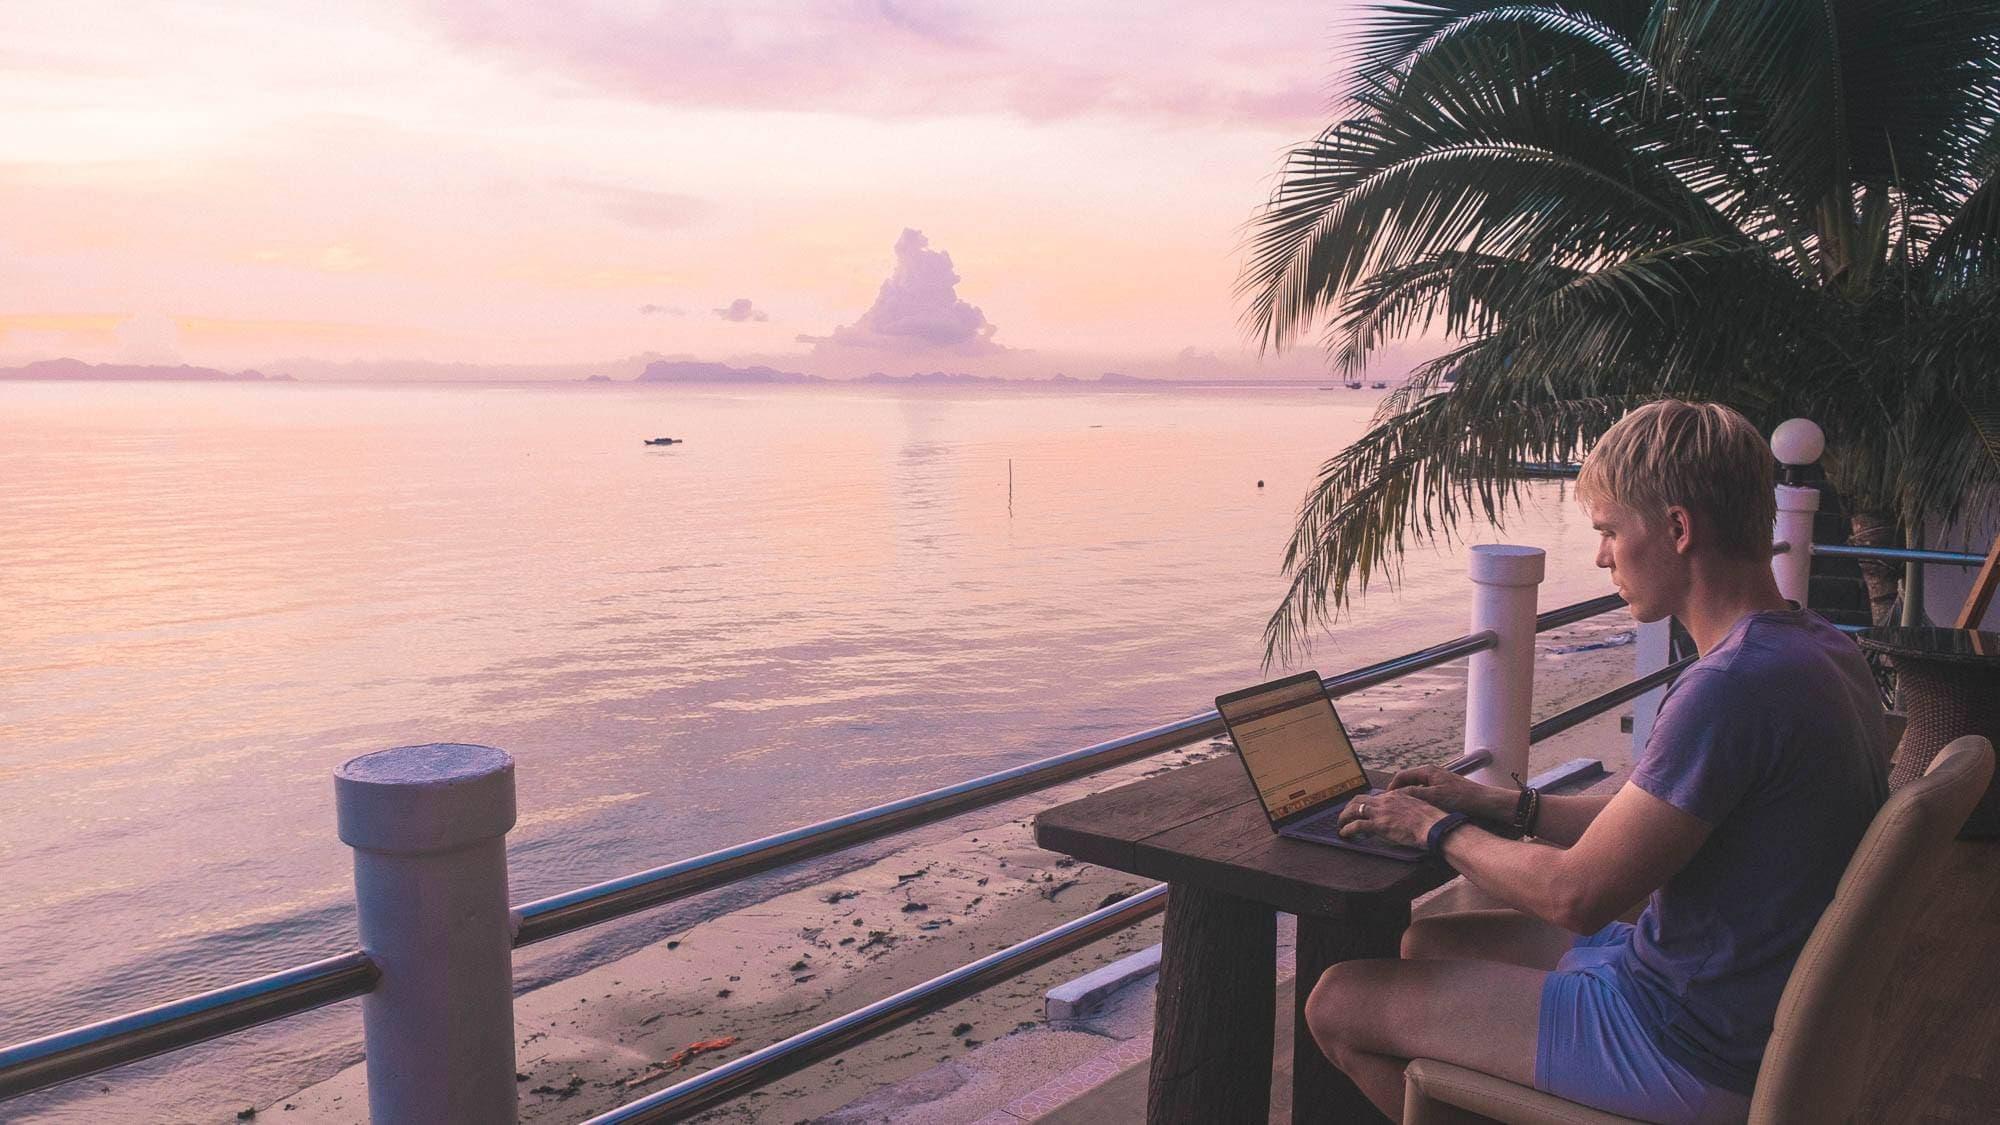 Digitální nomádění v Thajsku při západu slunce